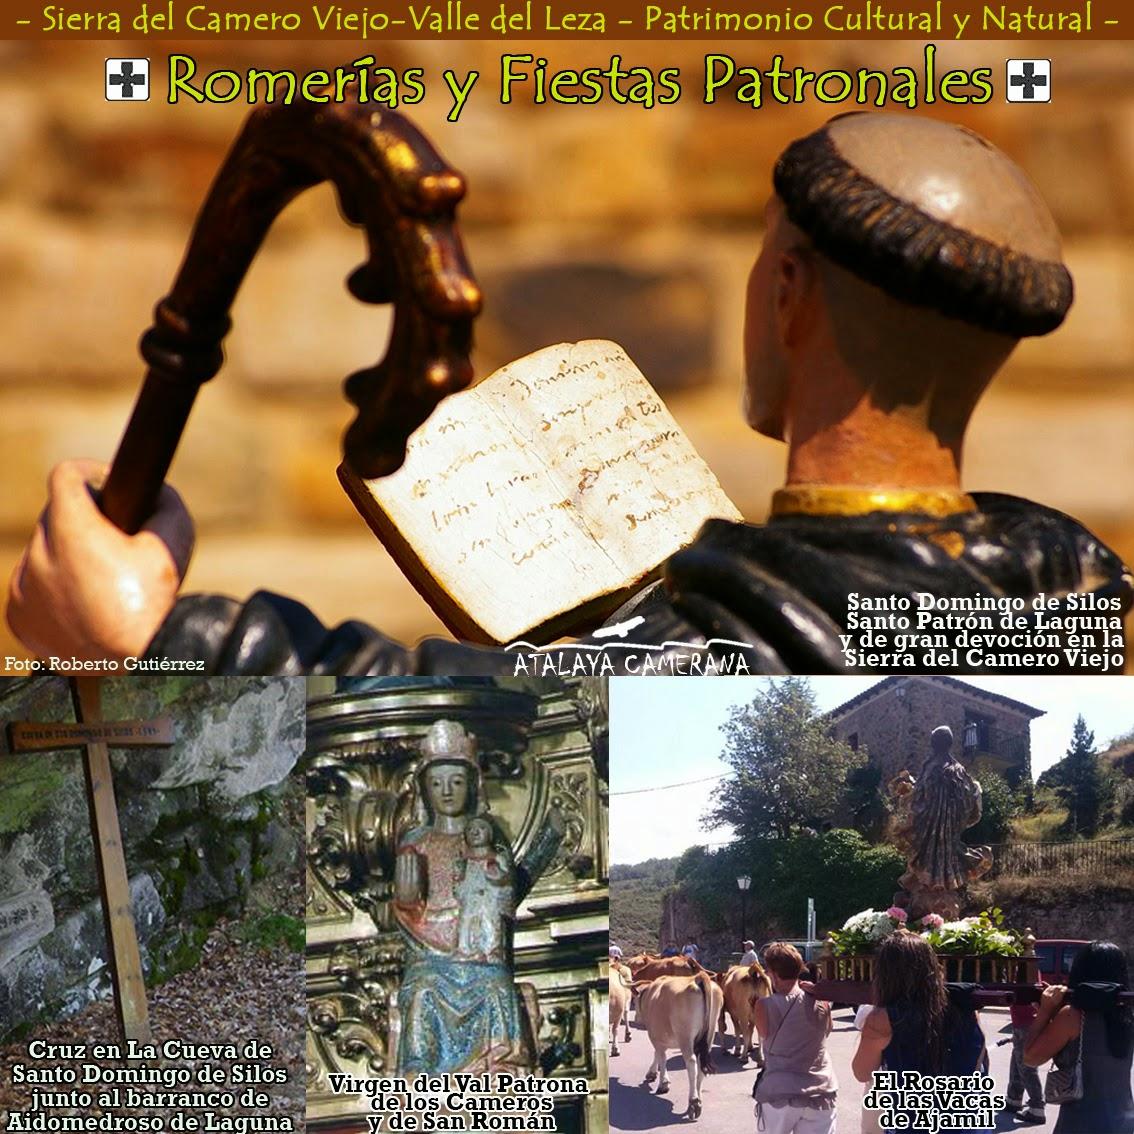 Fiestas Patronales y Romerías de la Sierra del Camero Viejo